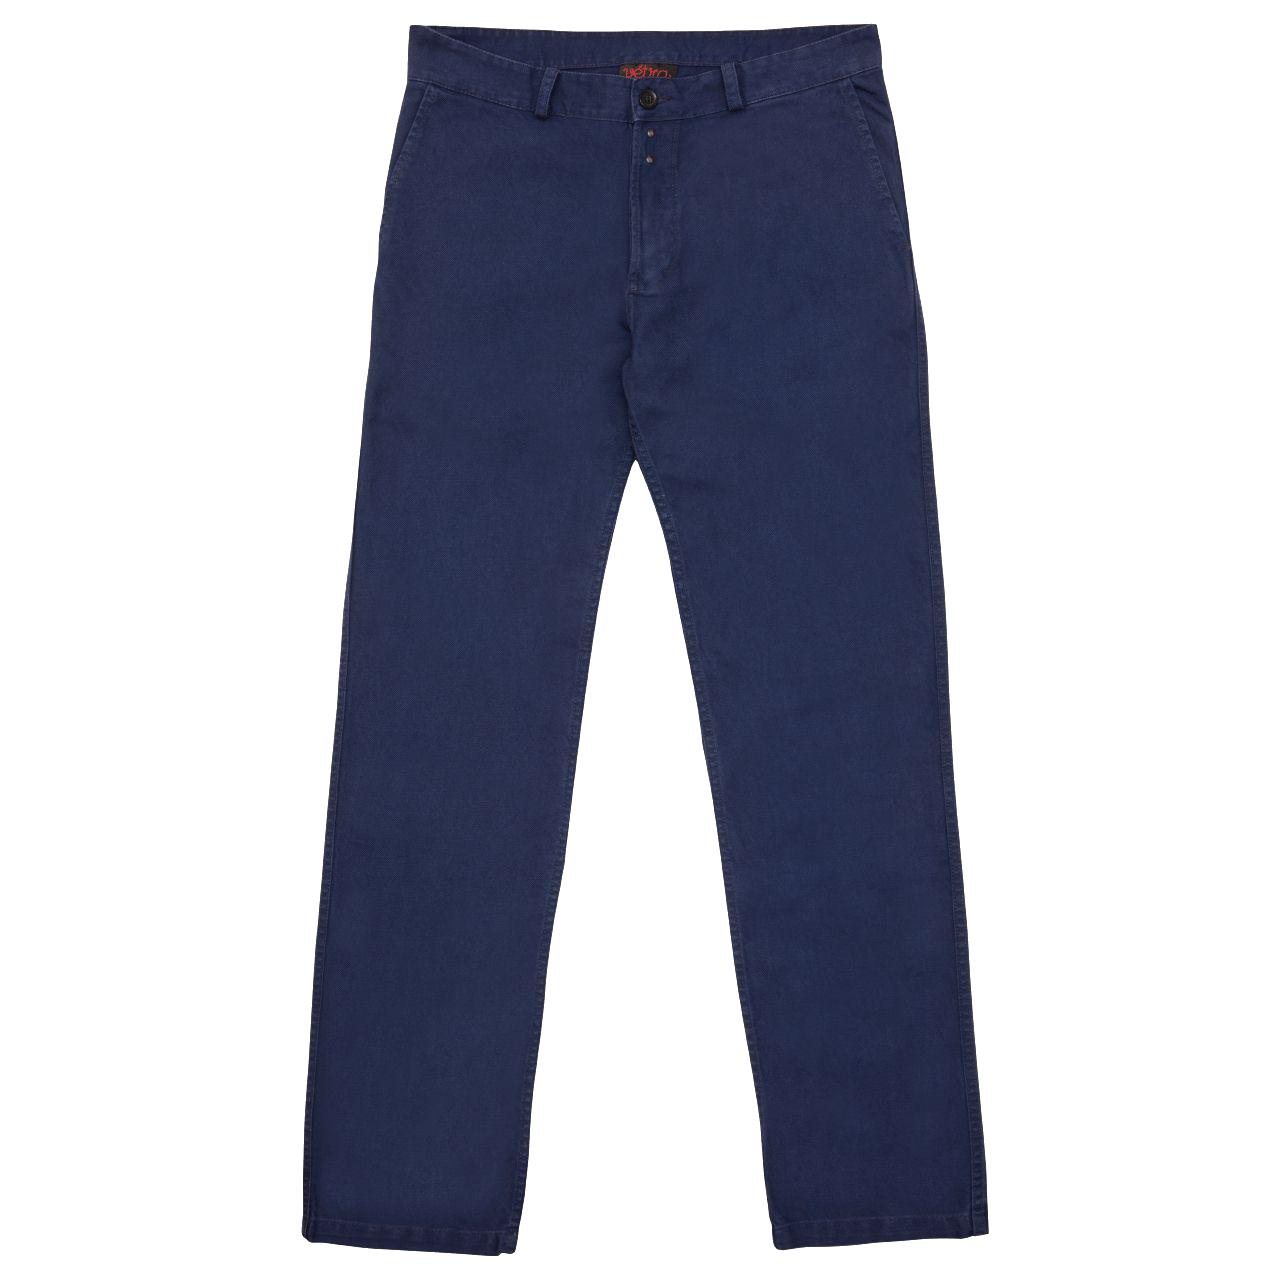 Clipart pants pant. Trouser png transparent images